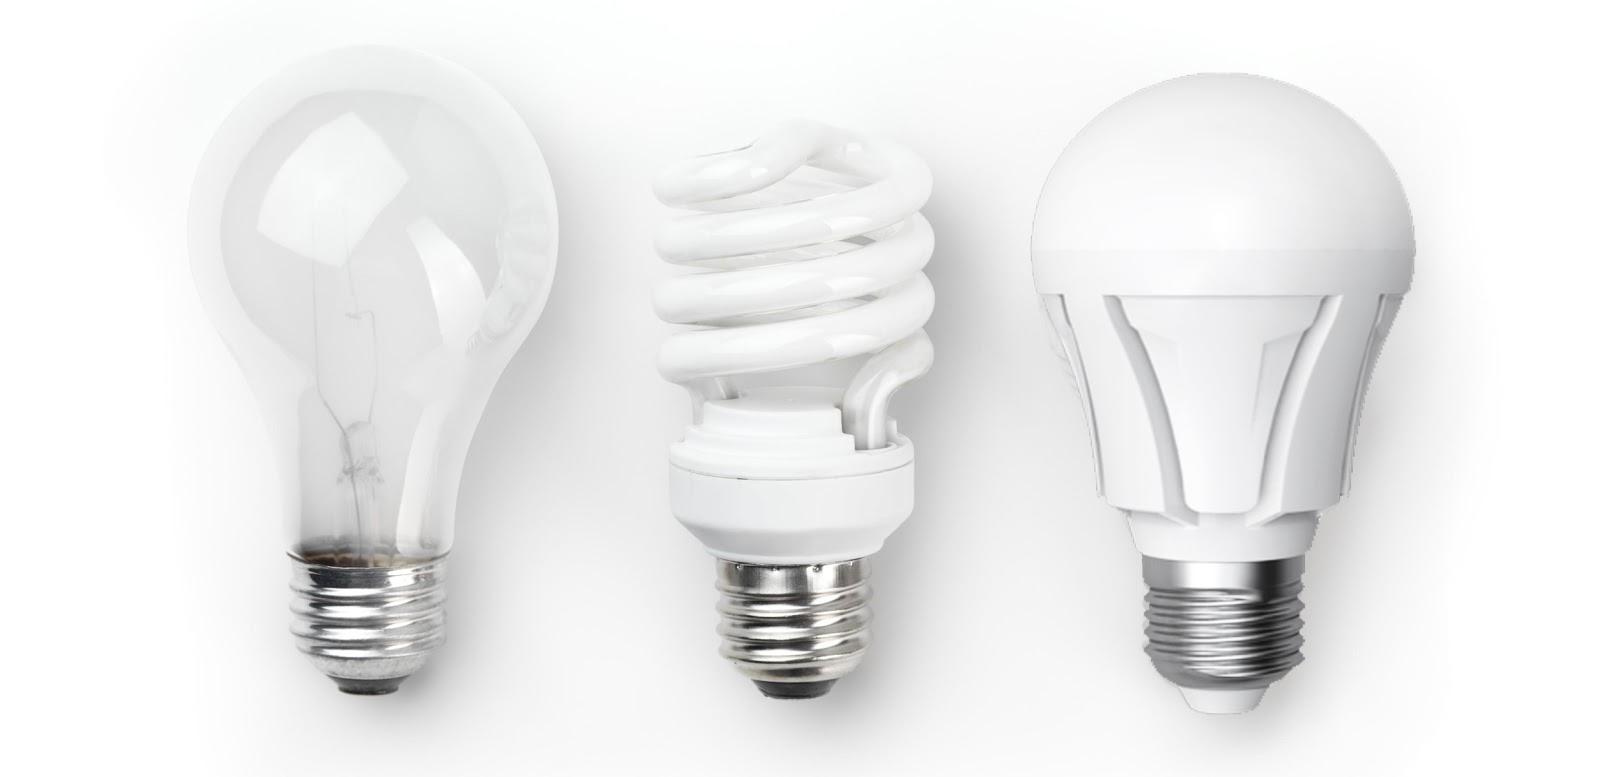 Illuminazione led casa confrontare le lampadine led e for Lampadine led casa